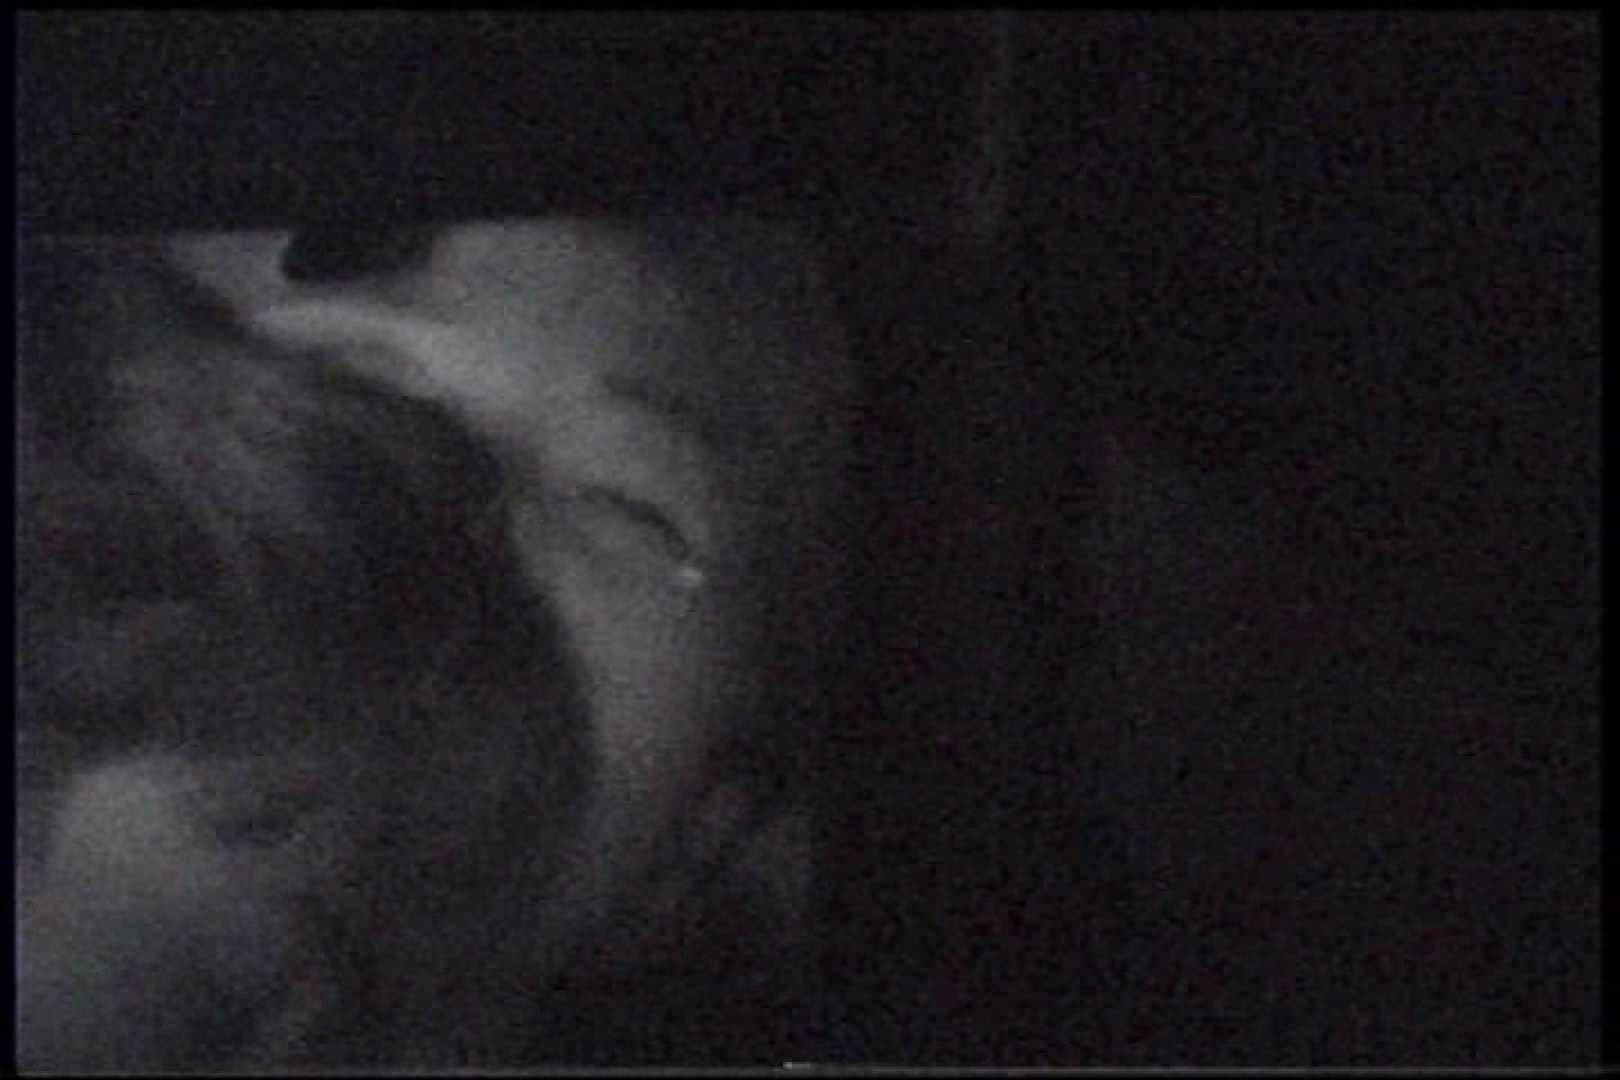 充血監督の深夜の運動会Vol.238 OLセックス | プライベート  60画像 33